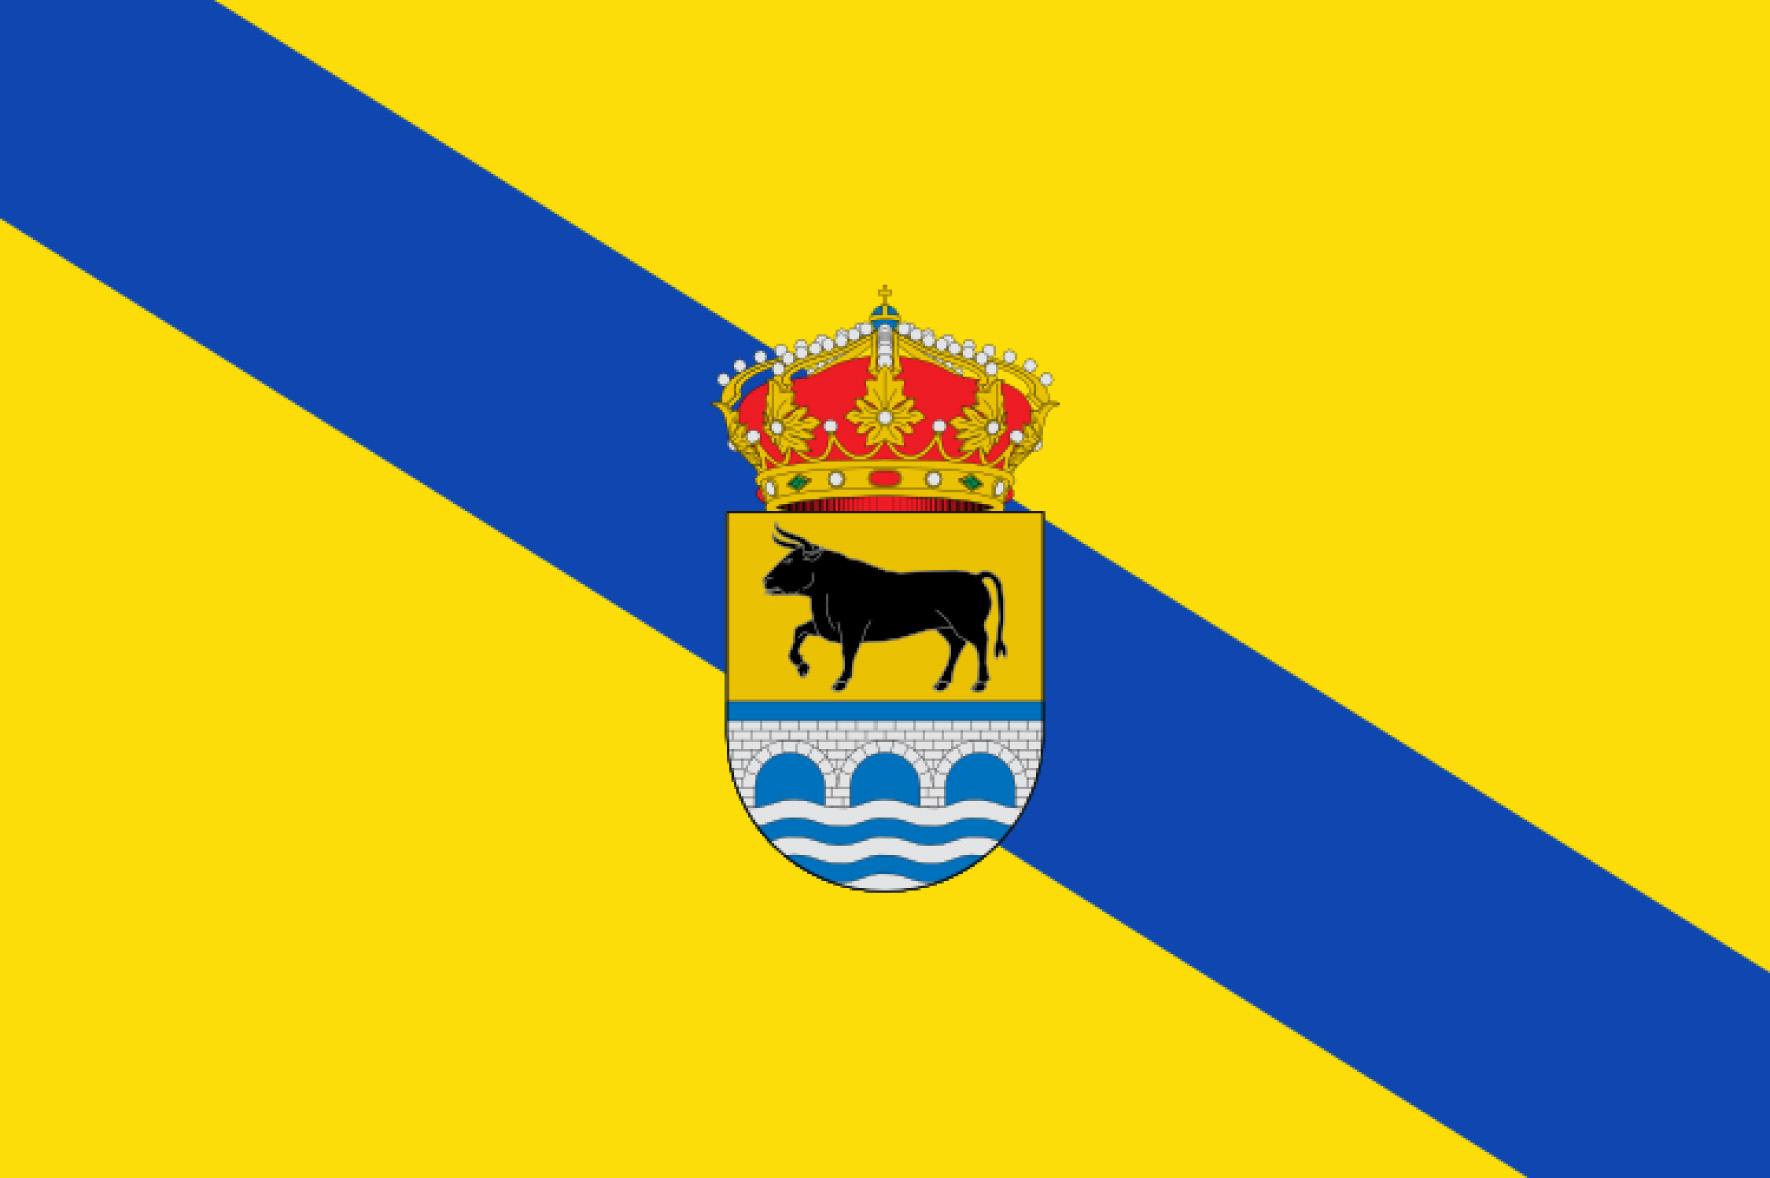 Proyecto de escudo heráldico y bandera para el municipio de Boadilla de Rioseco